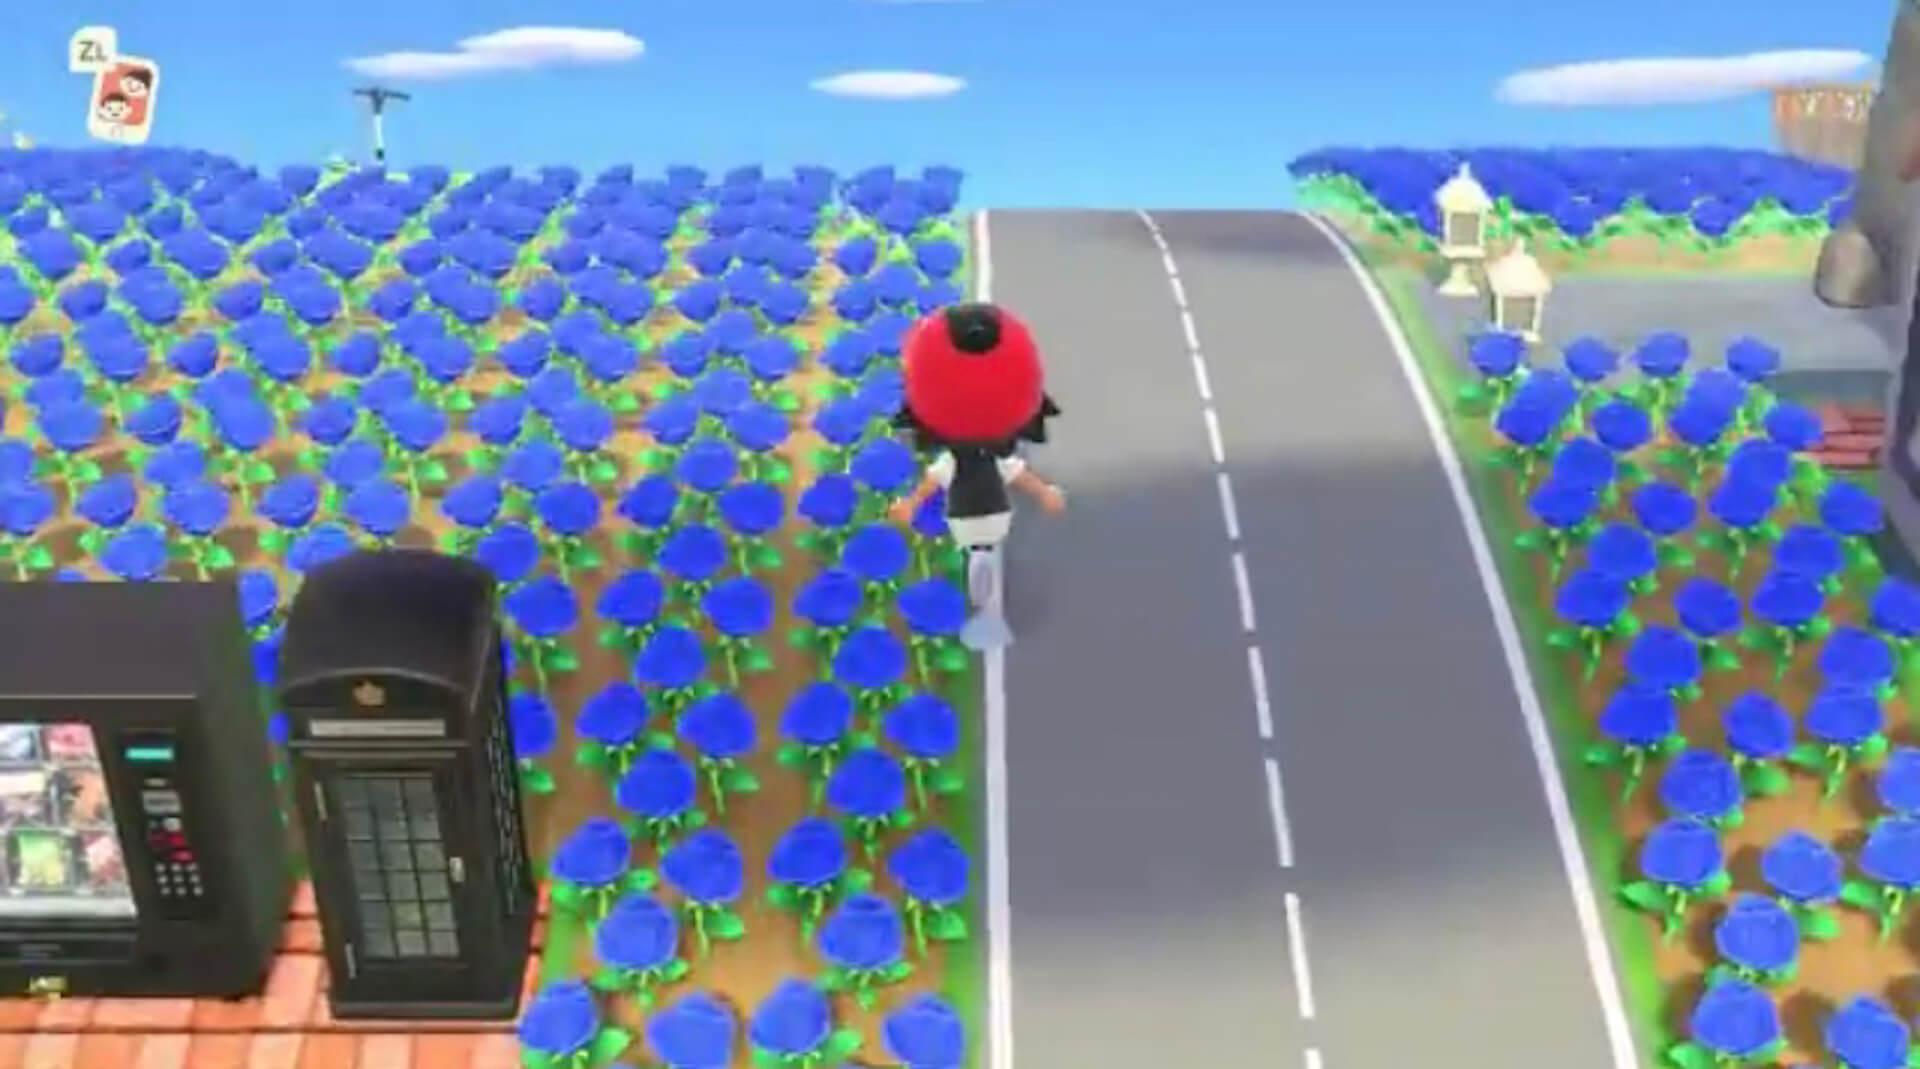 あつ森のユニーク島が勢ぞろい!GameWithによる『あつまれどうぶつの森』のStayHome企画のコンテスト入賞者が発表 tech200602_animalcrossing_2